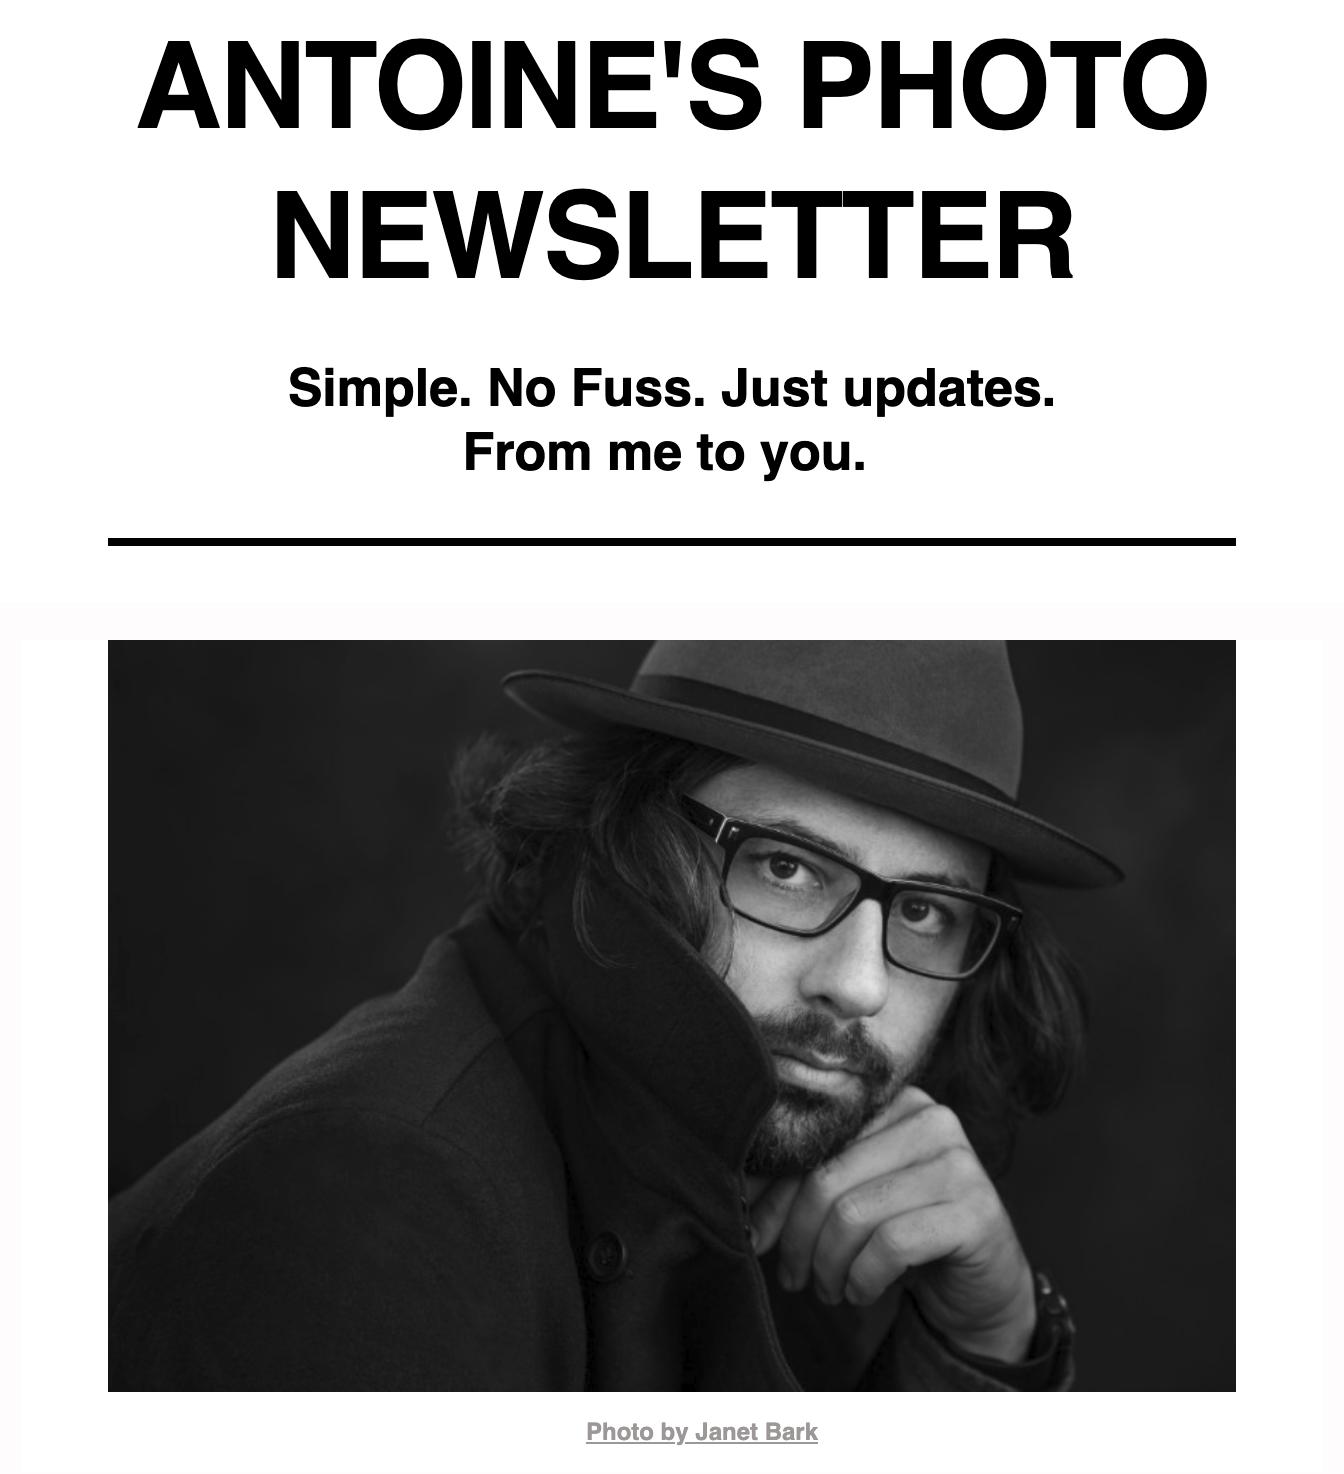 Episode 3 of Antoine's newsletter